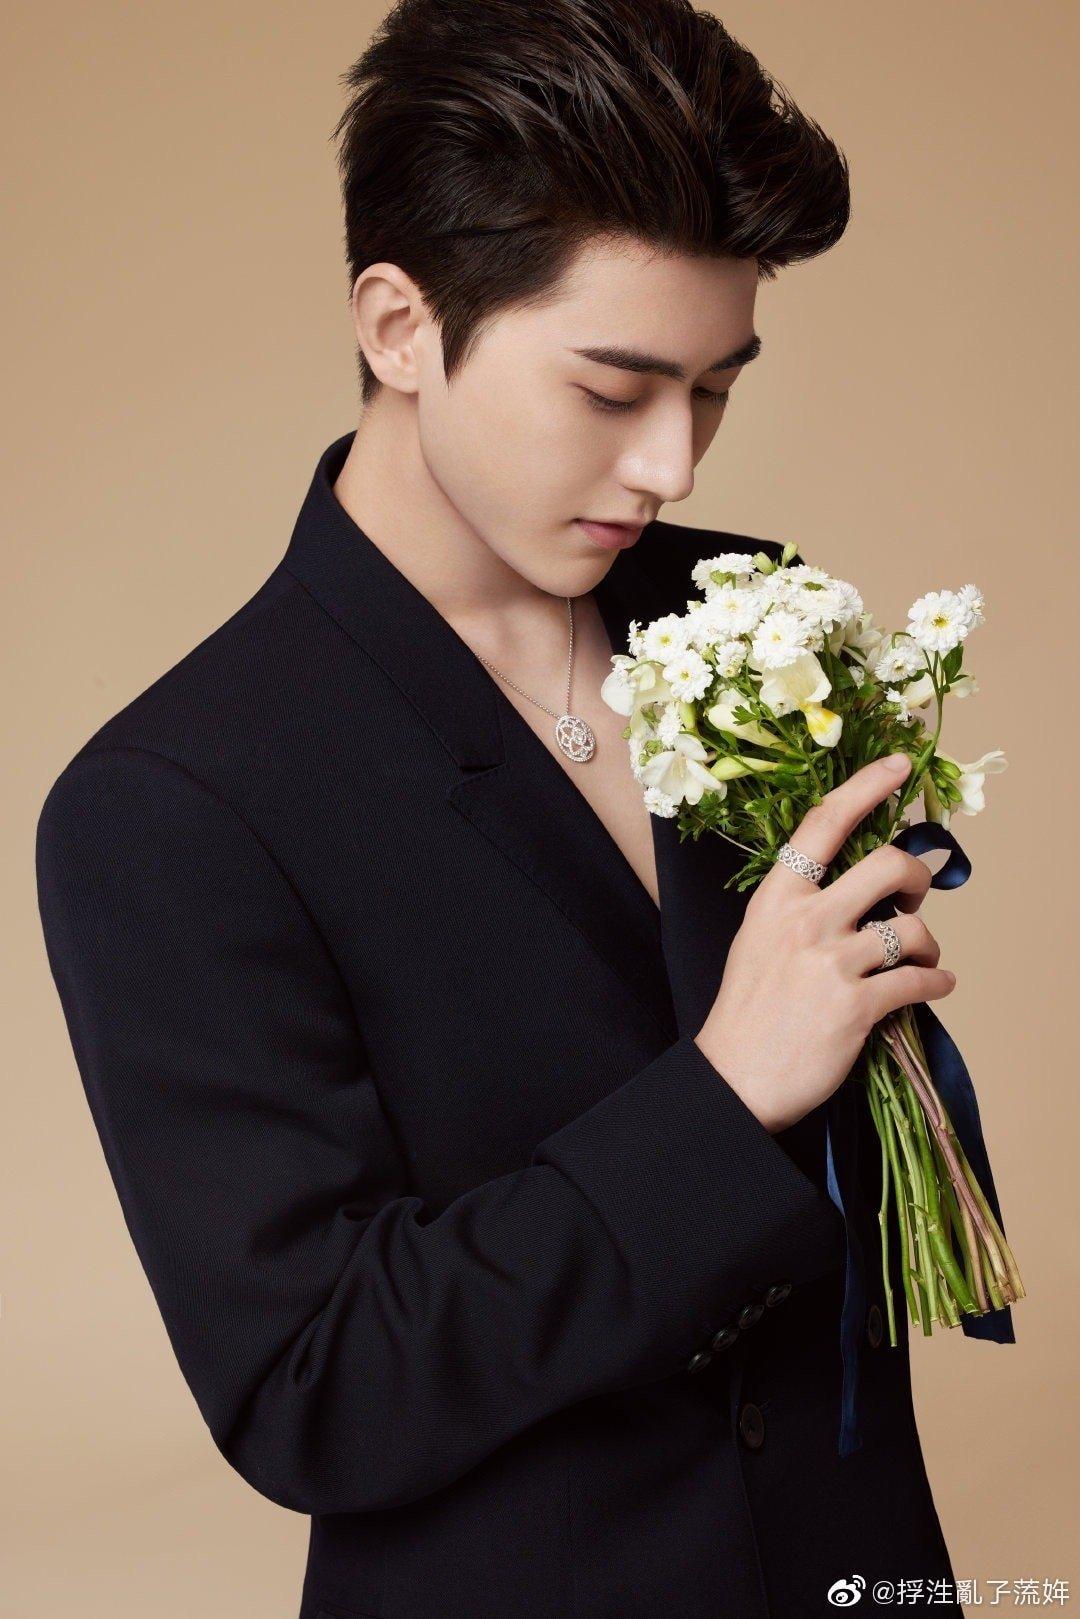 12 trai đẹp Cbiz cầm hoa tỏ tình, chàng trai nào khiến bạn gật đầu nguyện ý? 1